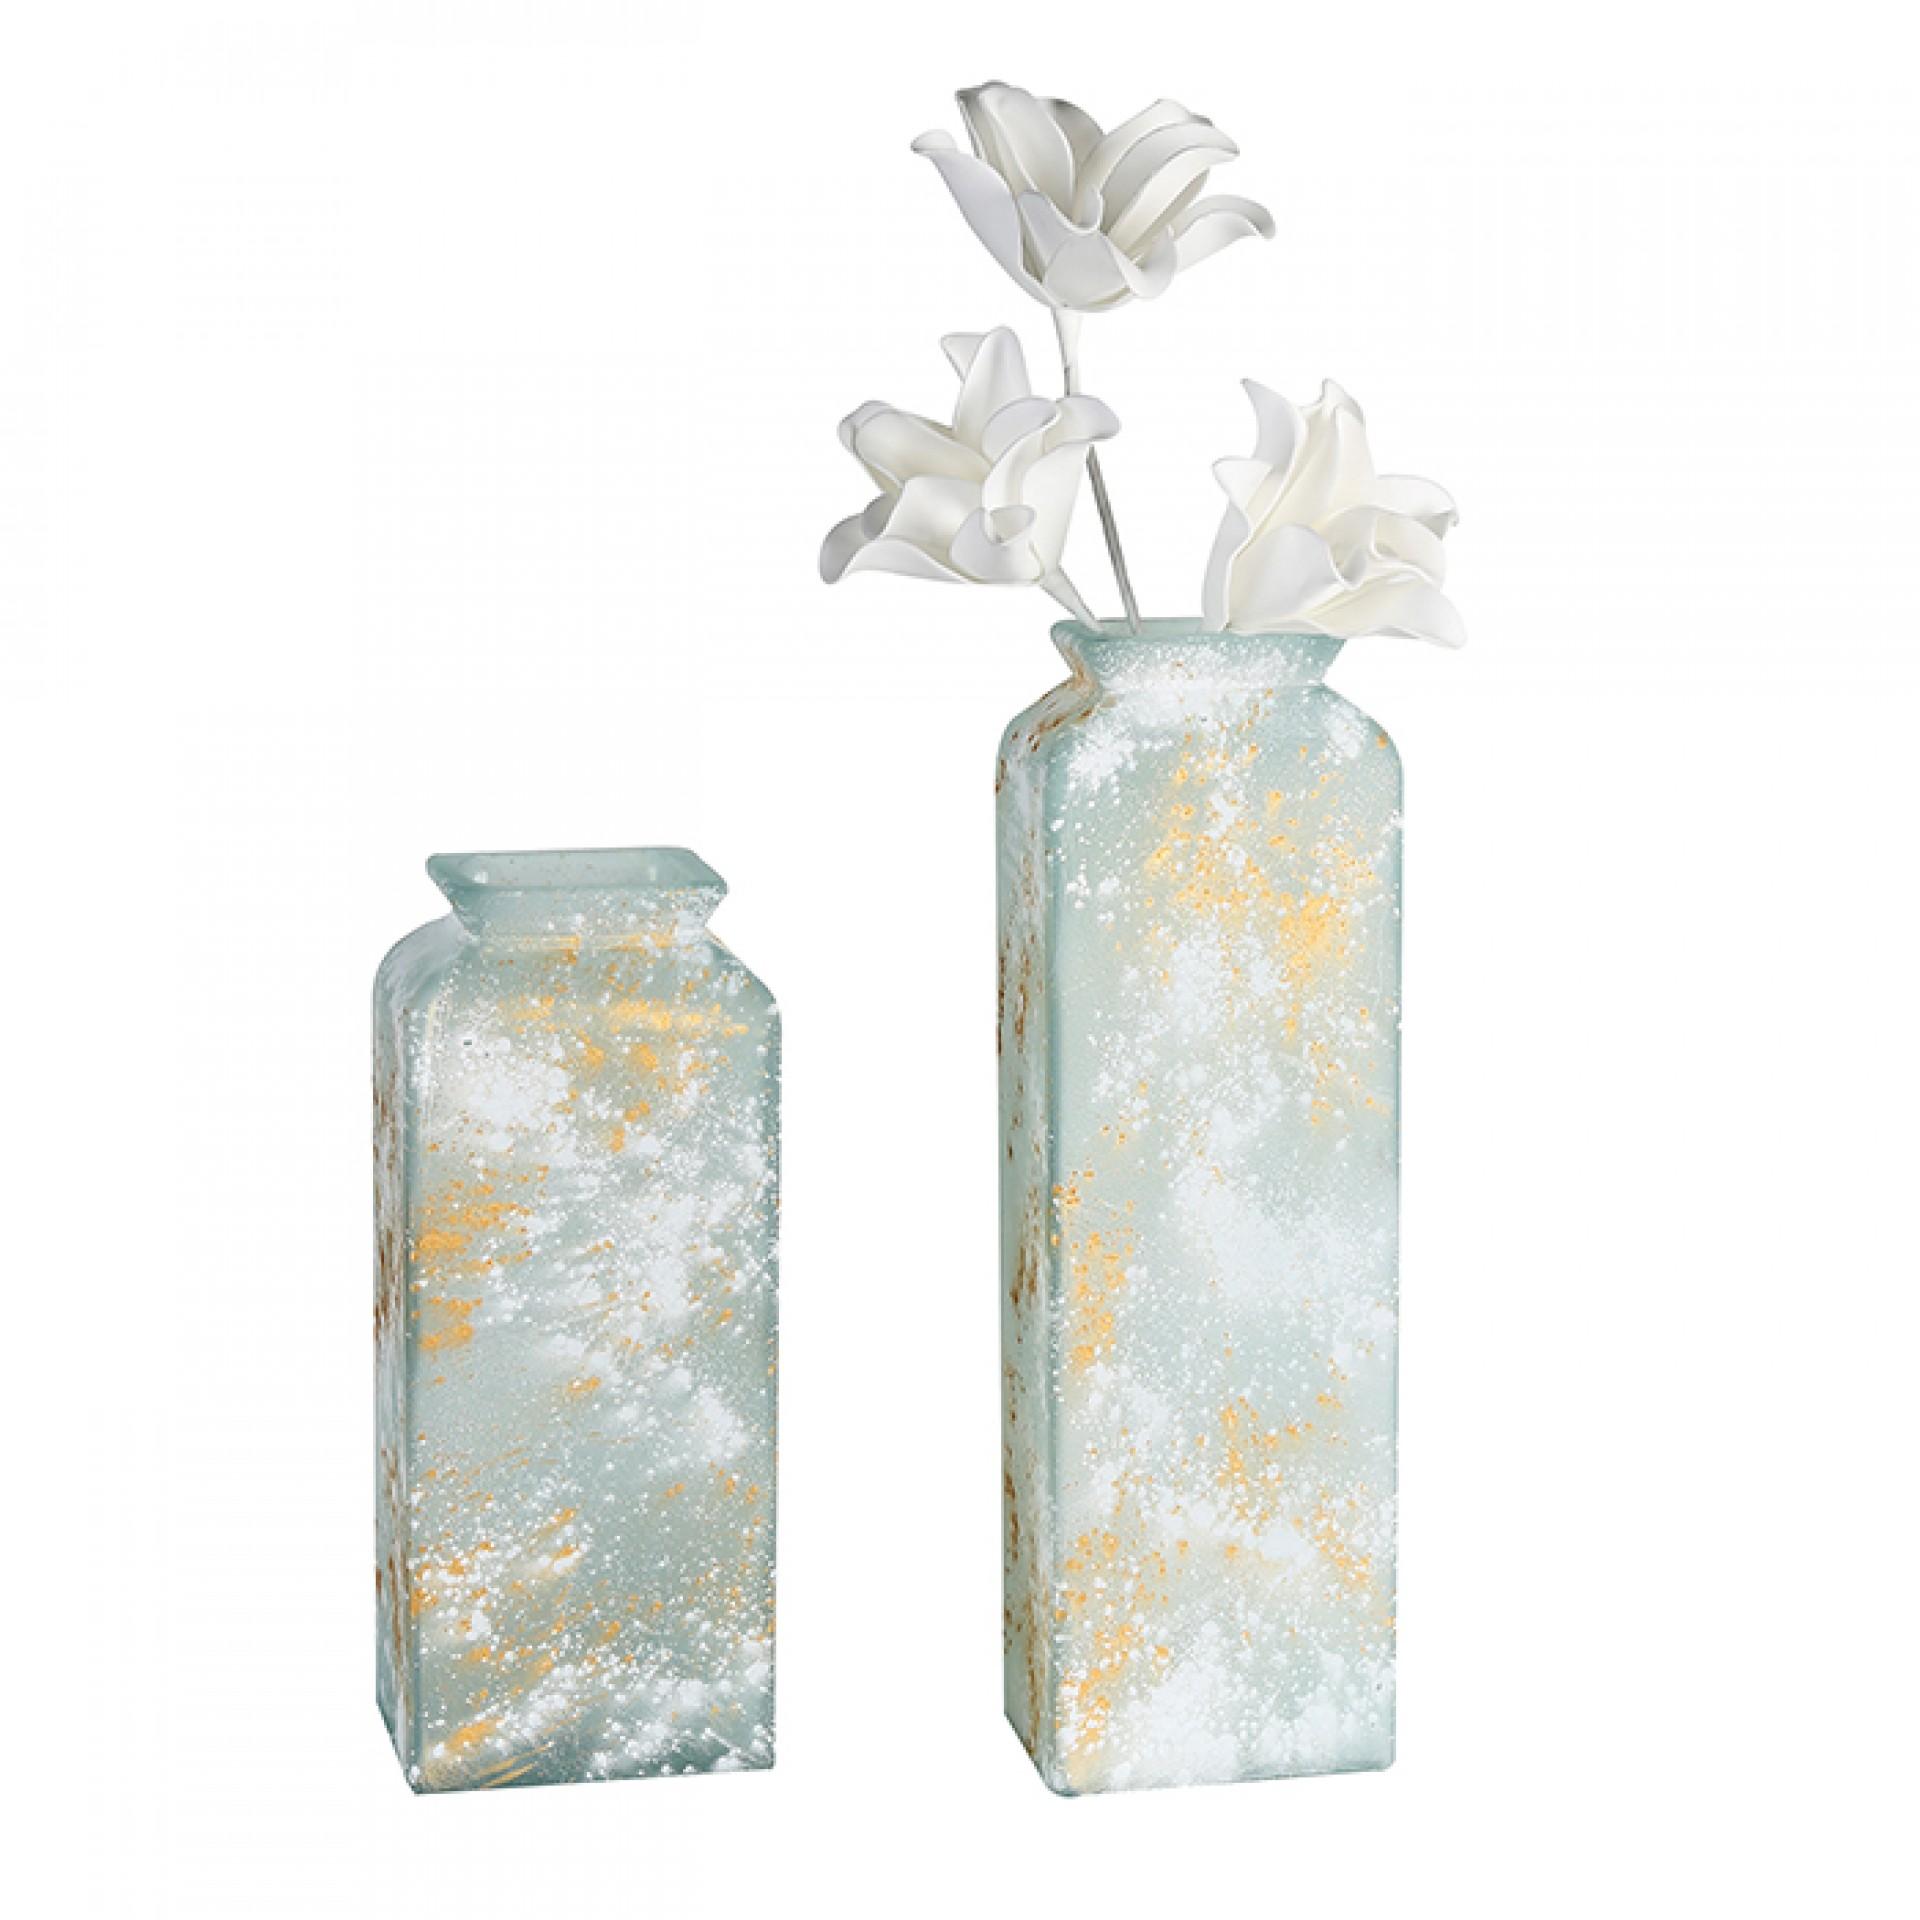 Váza z recyklovaného skla Gallos, 34 cm, bílá/zlatá